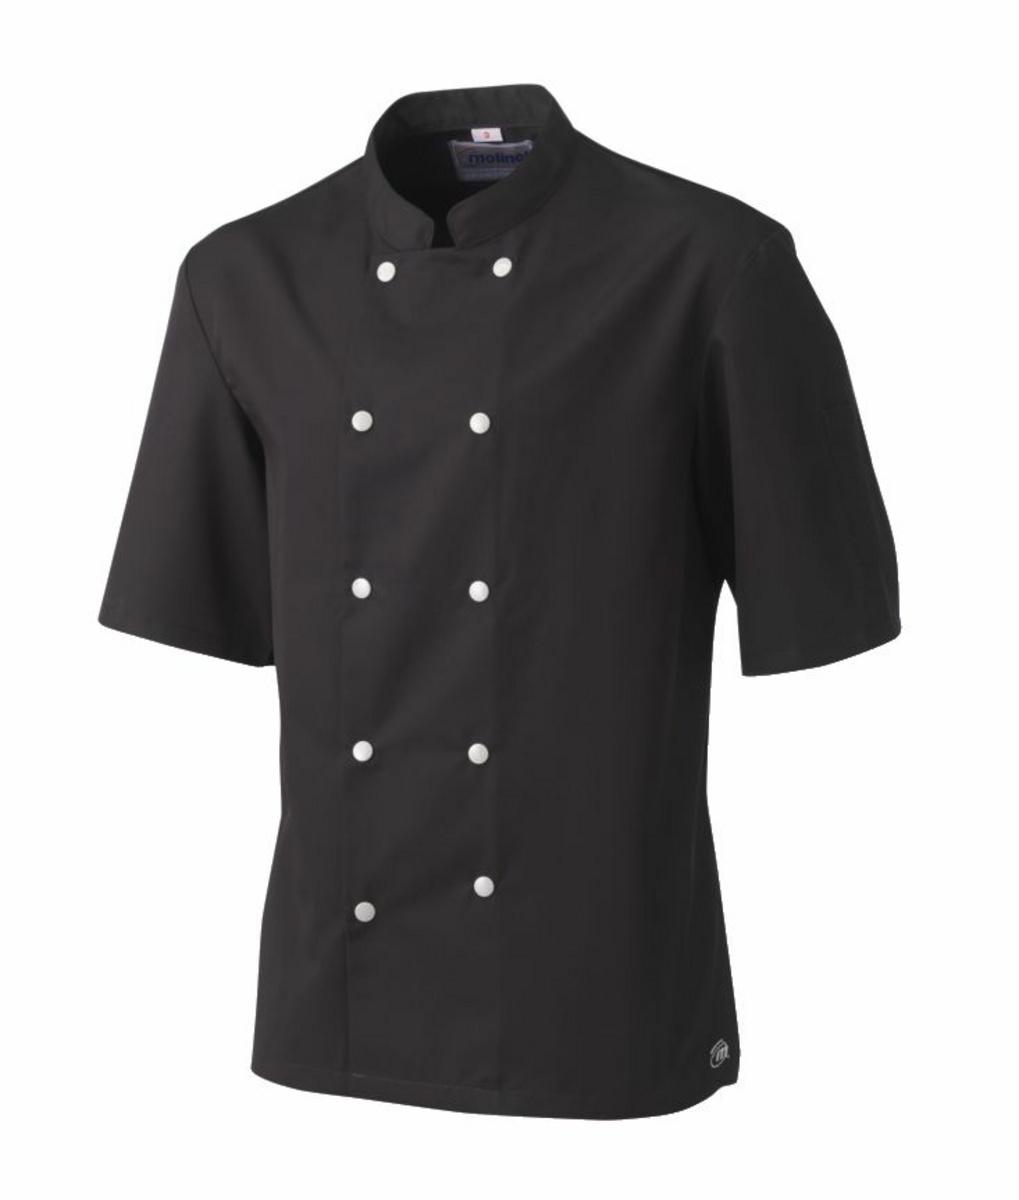 Veste de cuisine homme manche courte noir taille 4 Blake Molinel